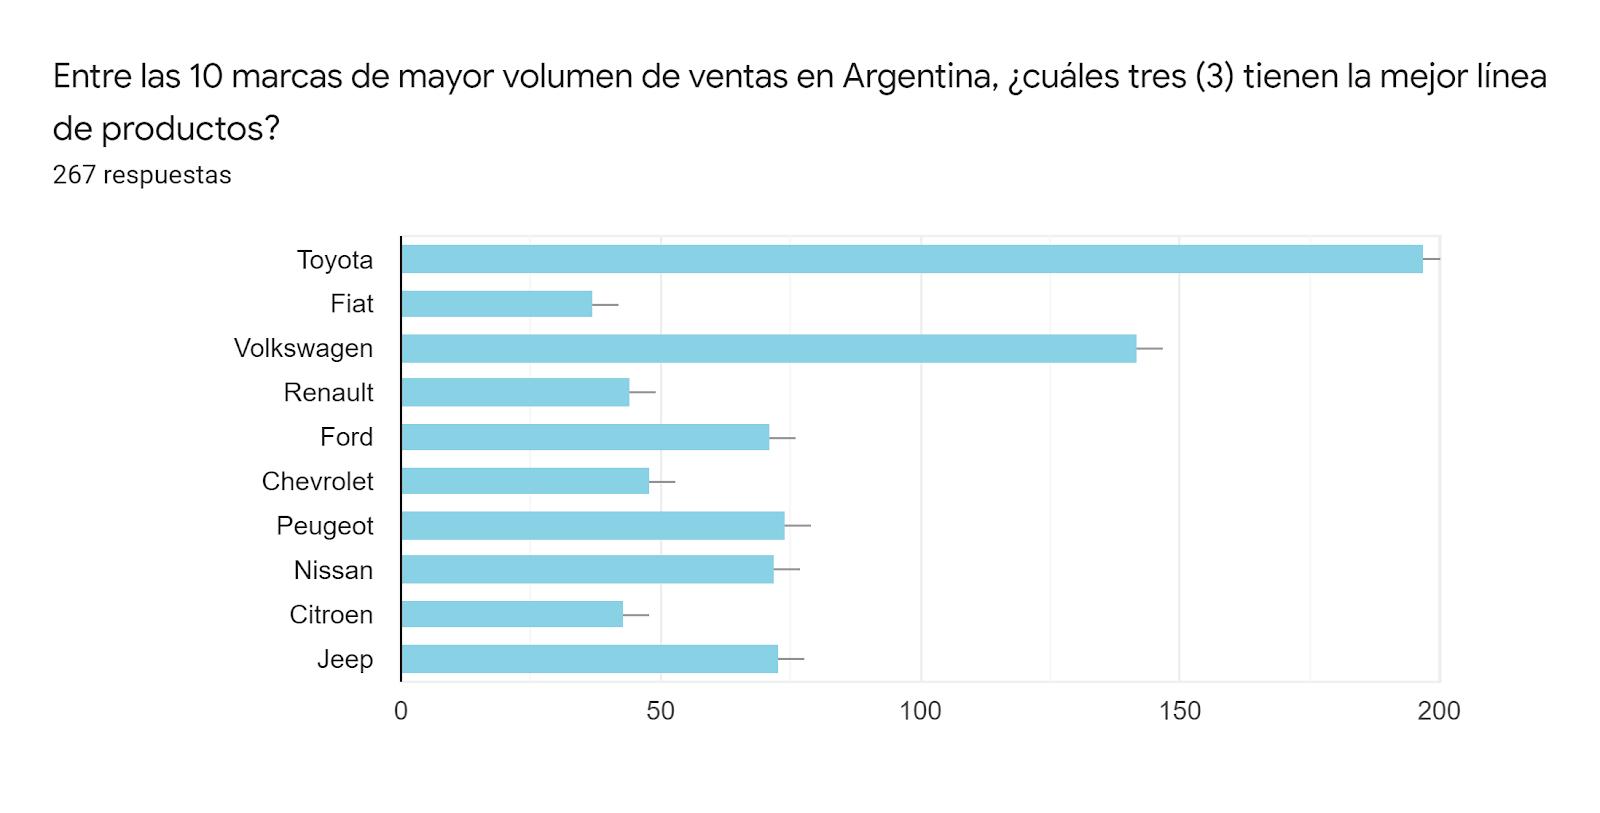 Gráfico de respuestas de formularios. Título de la pregunta:Entre las 10 marcas de mayor volumen de ventas en Argentina, ¿cuáles tres (3) tienen la mejor línea de productos?. Número de respuestas:267 respuestas.